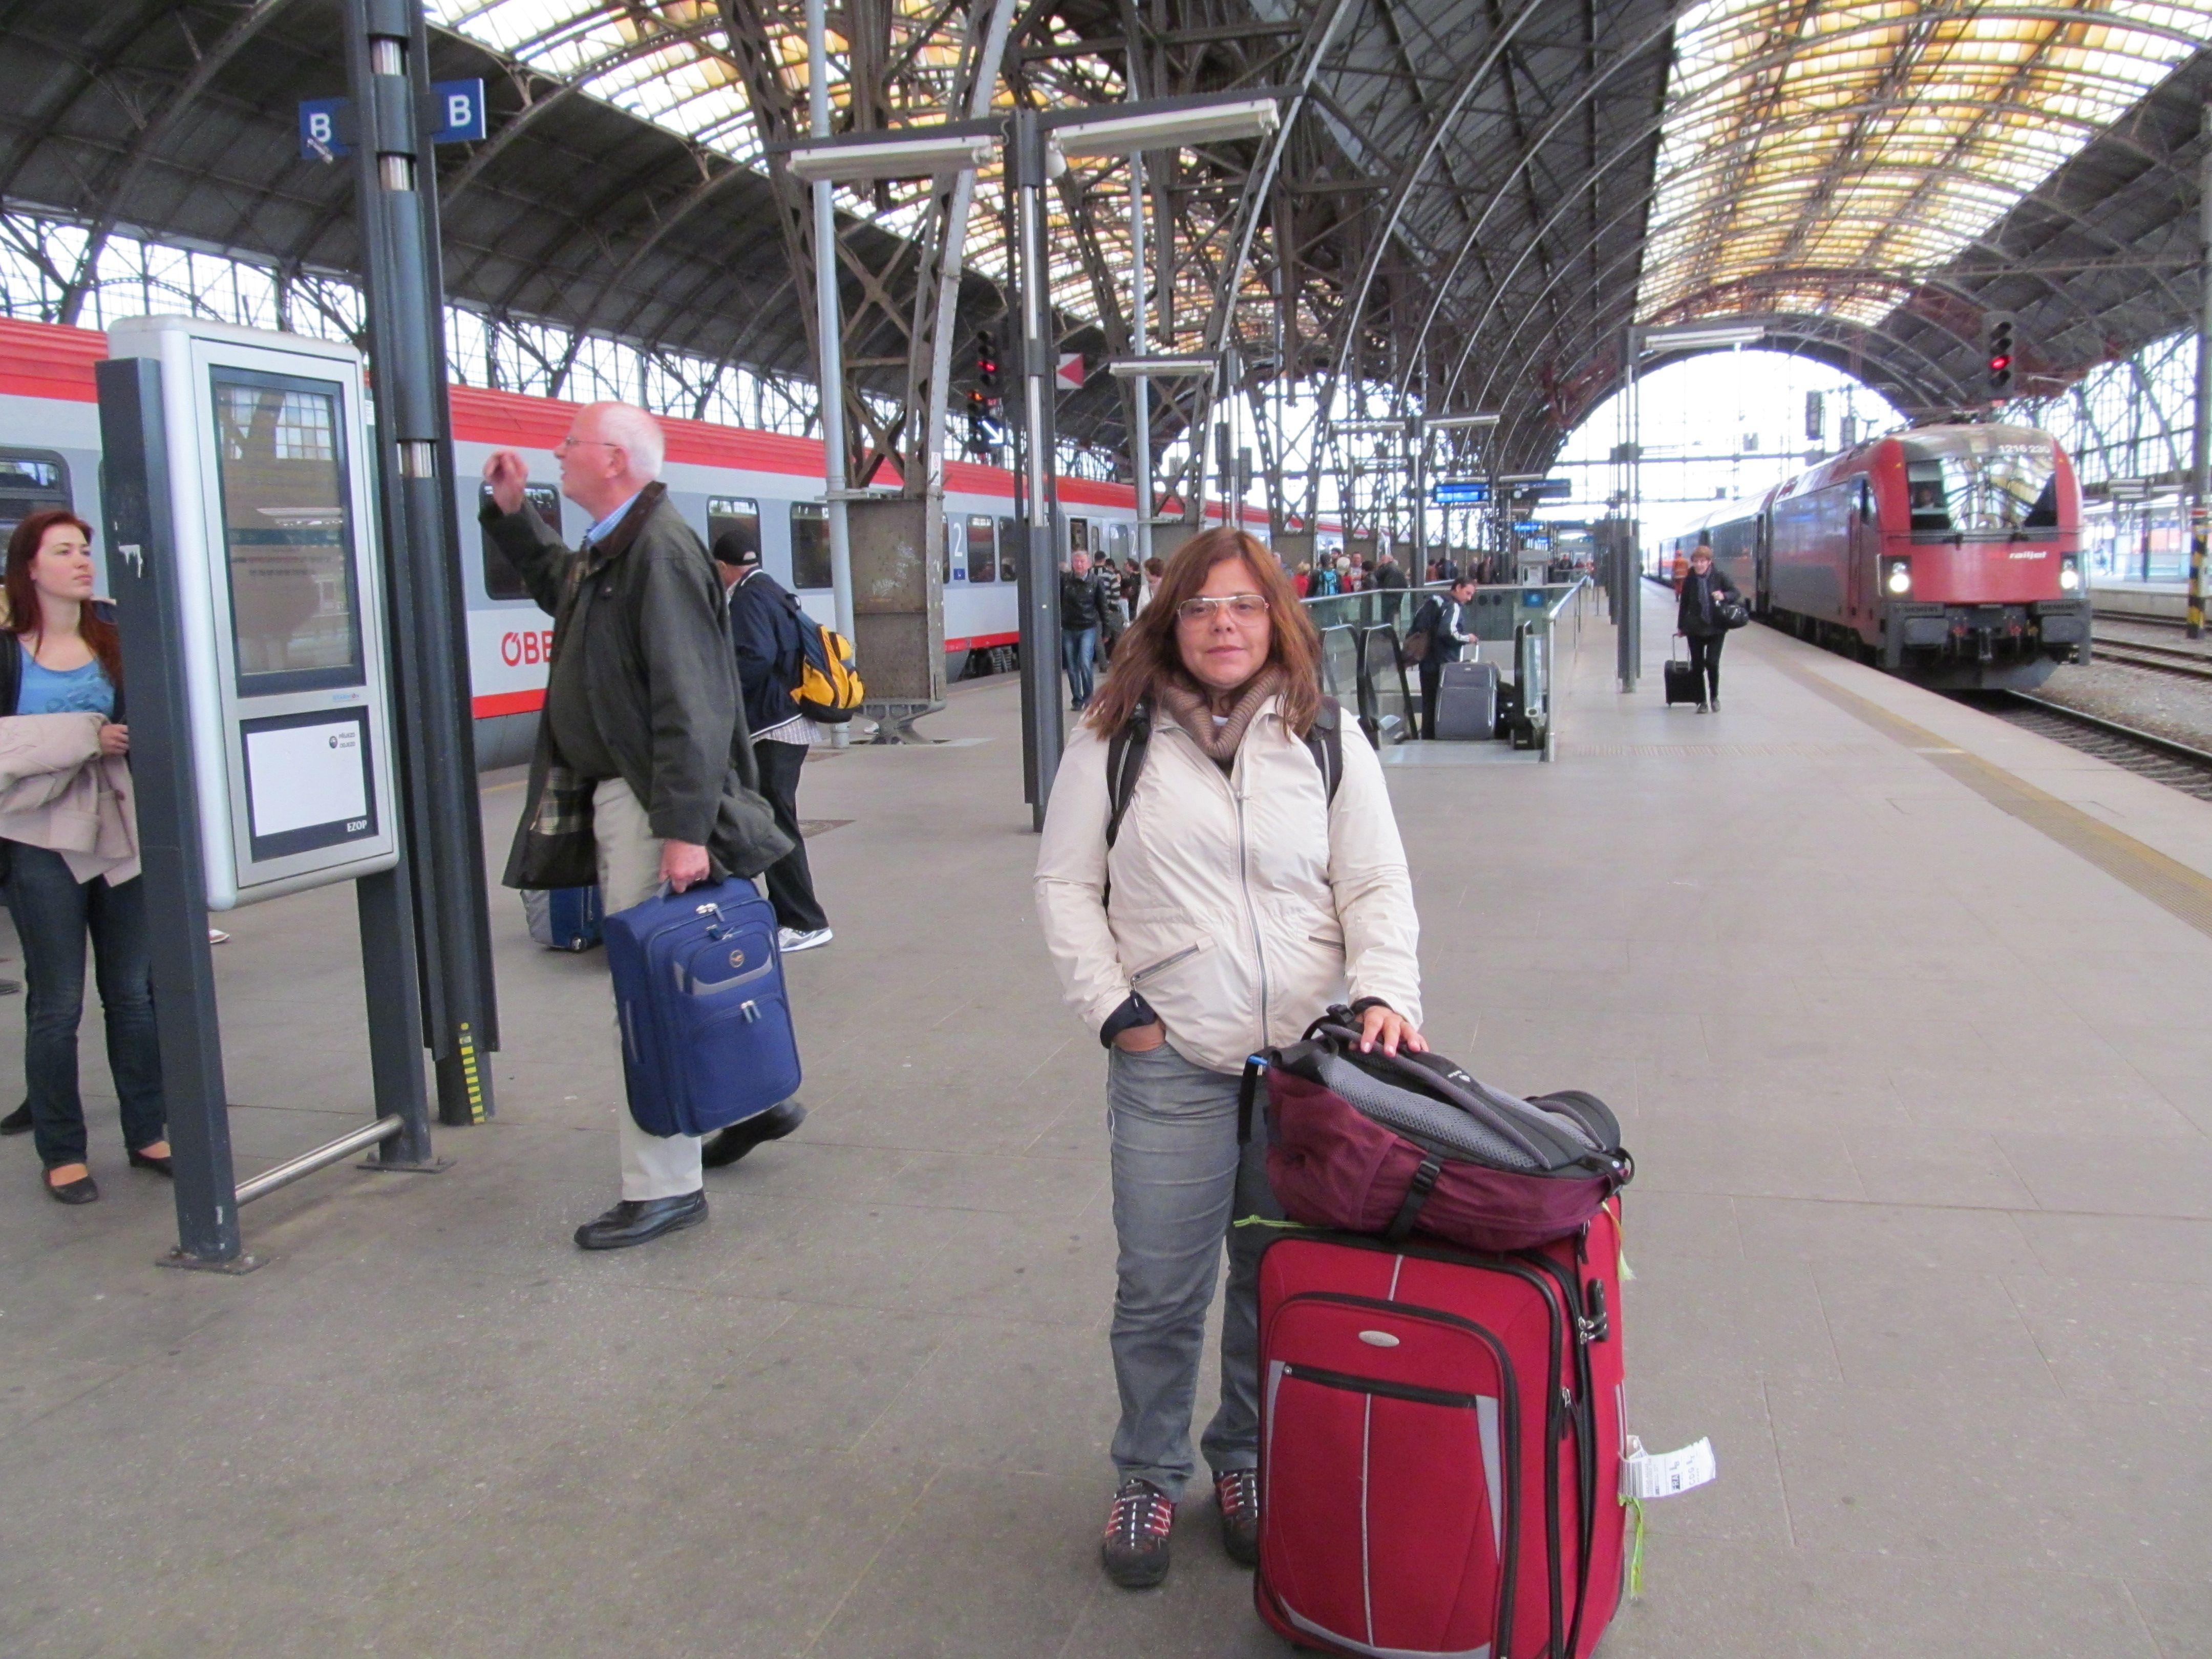 Chegando na estação de trem em Praga.Capital da República Tcheca. Situada as margens do Rio Vltava. É um dos mais belos e antigos centros urbanos da Europa.